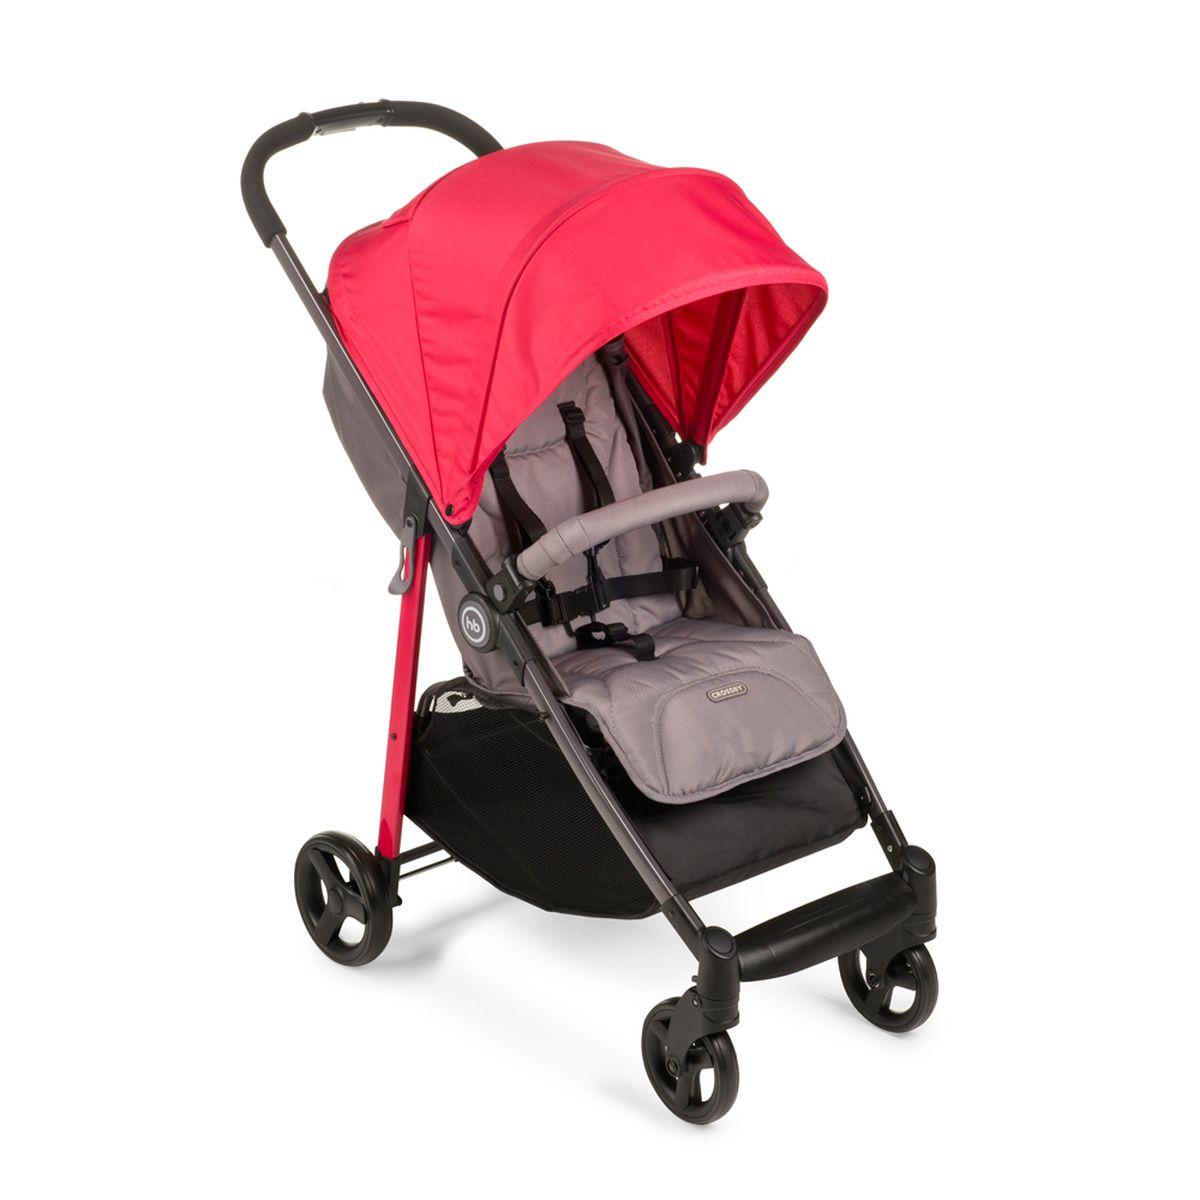 Happy Baby Коляска прогулочная Crossby Cherry4650069783107Модель CROSSBY создана в минималистичном стиле, при этом сочетая в себе максимально необходимое количество характеристик для комфортных прогулок и путешествий. Благодаря амортизация на передних и задних колесах, CROSSBY способна передвигаться по любой дороге, включая не глубокий снег. Эта всесезонная коляска укомплектована чехлом на ножки, дождевиком и москитной сеткой. Имеет широкое сиденье с возможностью плавной регулировки угла наклона спинки, большой капюшон со смотровым окошком, вместительную корзину для покупок. Обивка коляски выполнена из современных высокотехнологичных тканей, что создает дополнительный комфорт для ребенка и мамы. ХАРАКТЕРИСТИКИ • Плавная регулировка наклона спинки, кол-во положений не ограничено • Регулируемая подножка, 3 положения • Смотровое окошко на капюшоне • Пятиточечные ремни безопасности • Съемный бампер • Колеса: пластиковые с покрытием EVA (этиленвинилацетат) • Диаметр колес: передние - 15 см, задние - 18 см • Колёсная база: передние колеса...